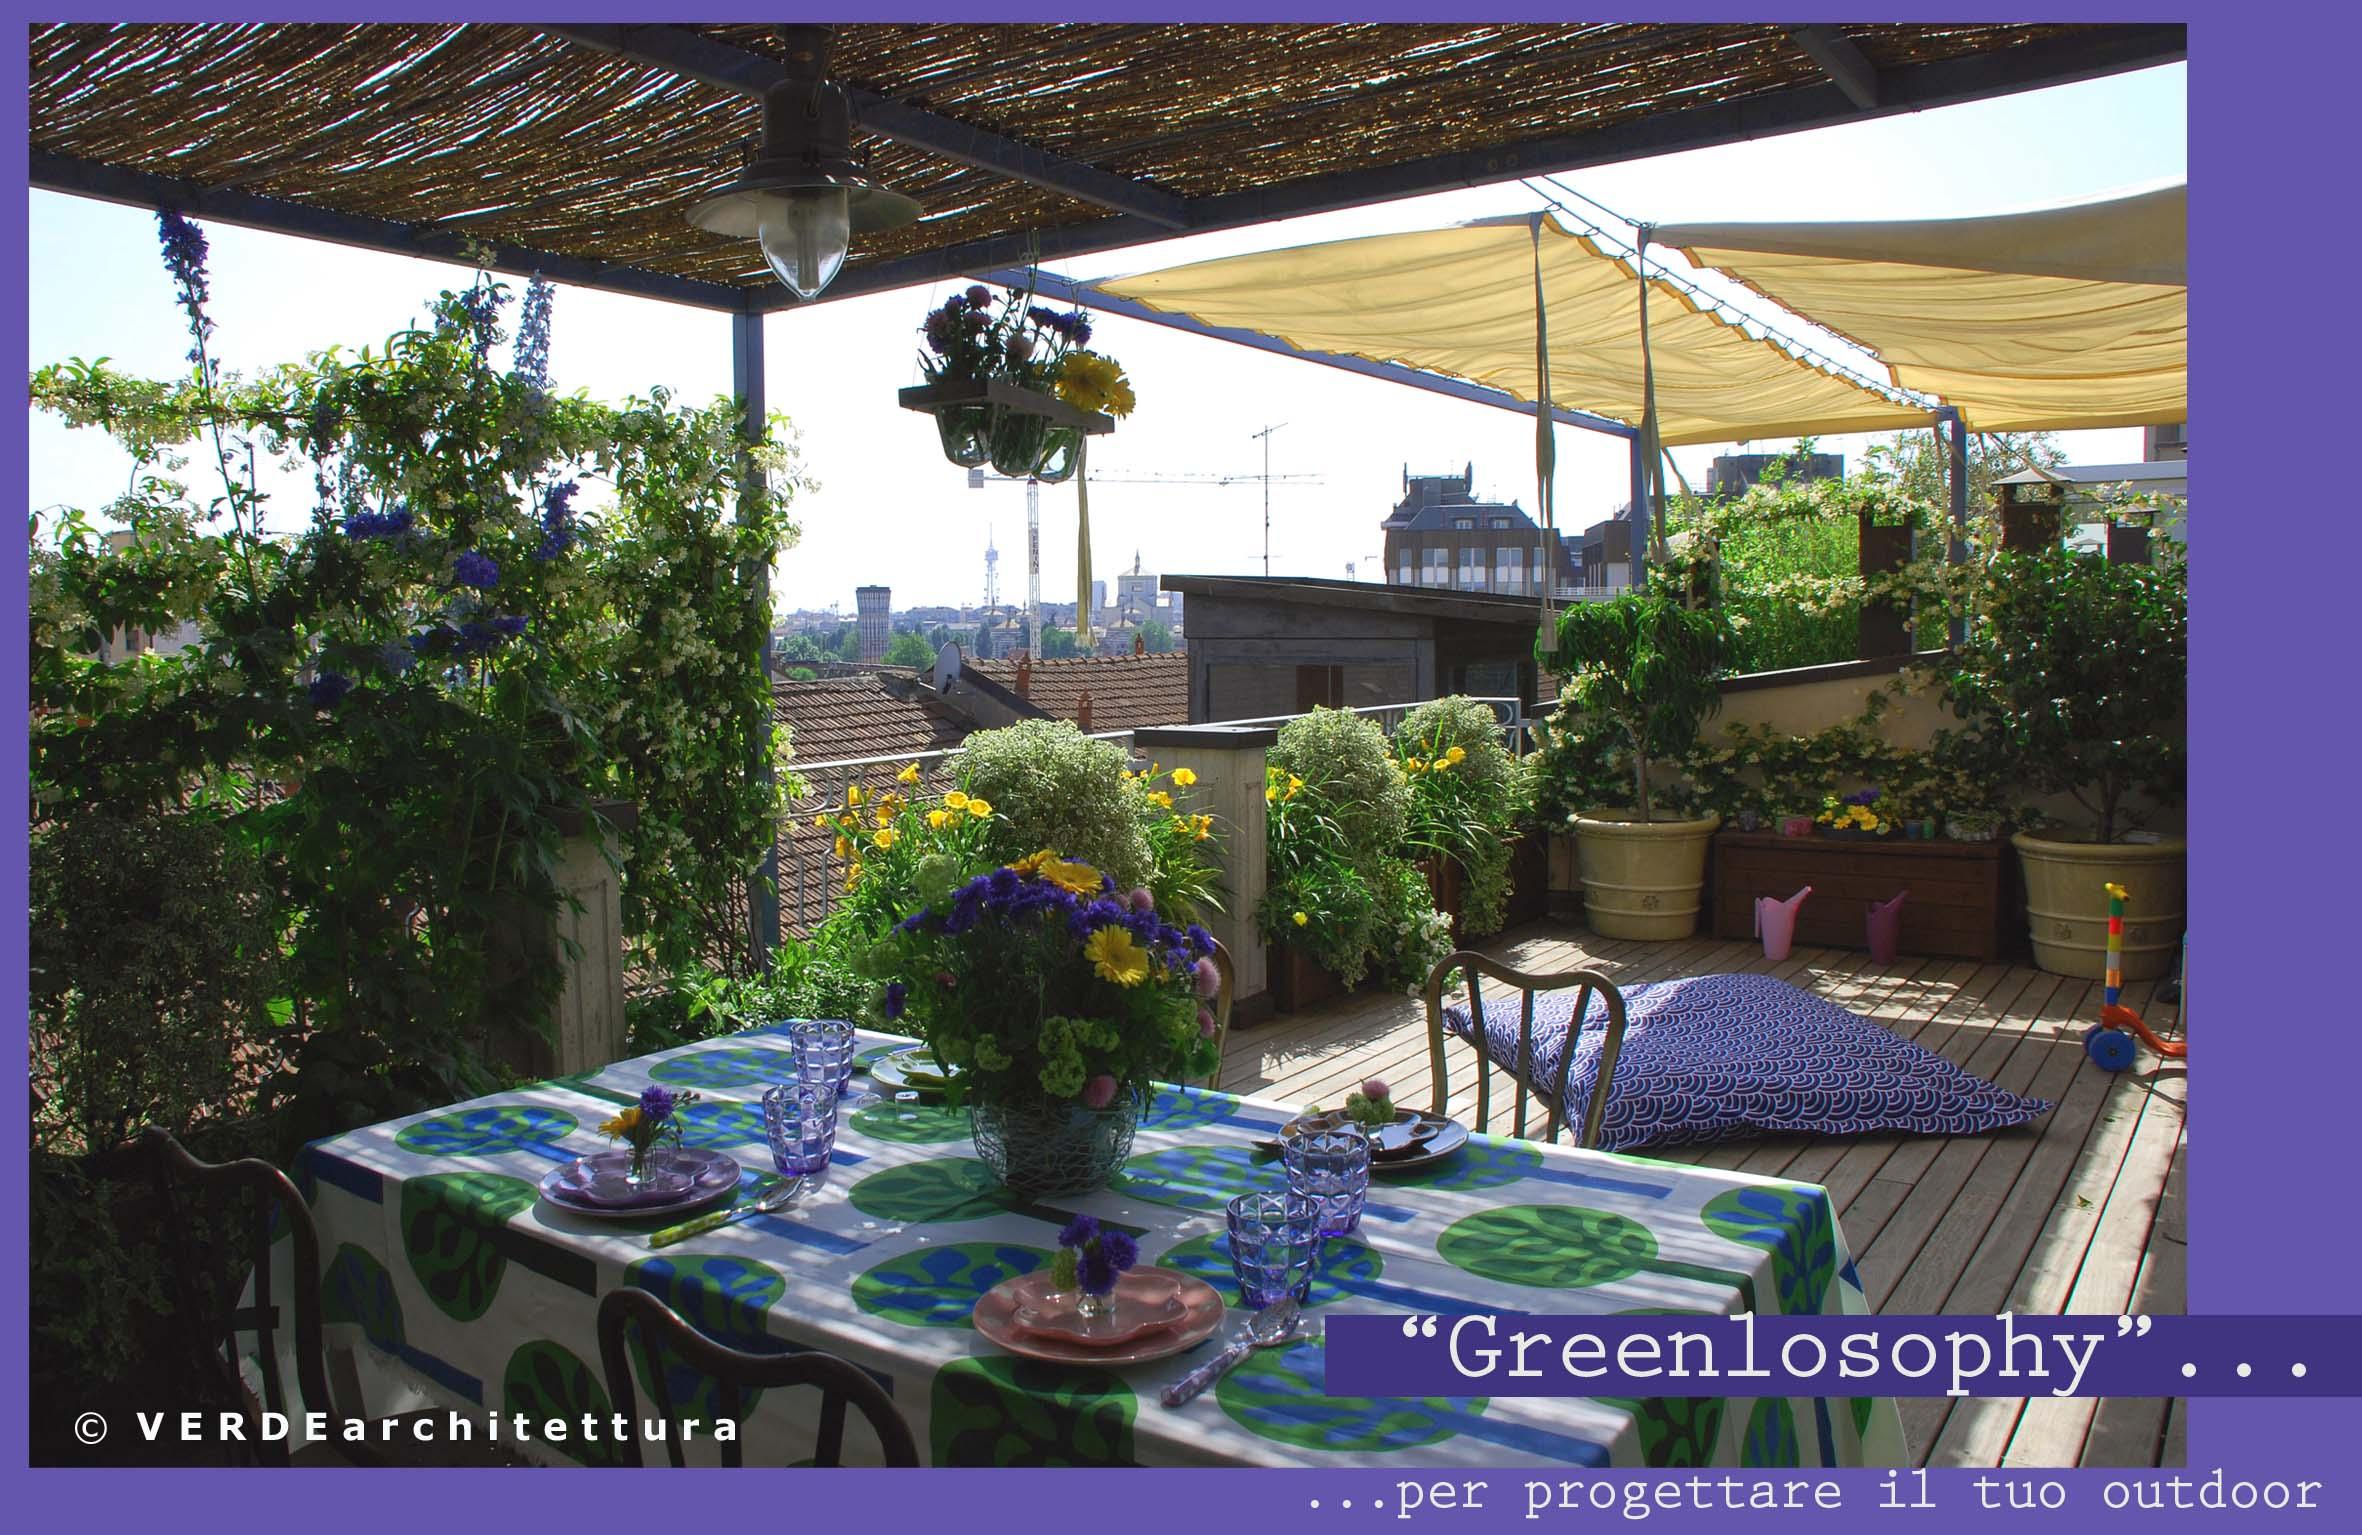 Affordable view images arredare il terrazzo con with come arredare una terrazza con piante - Arredare una terrazza con piante ...